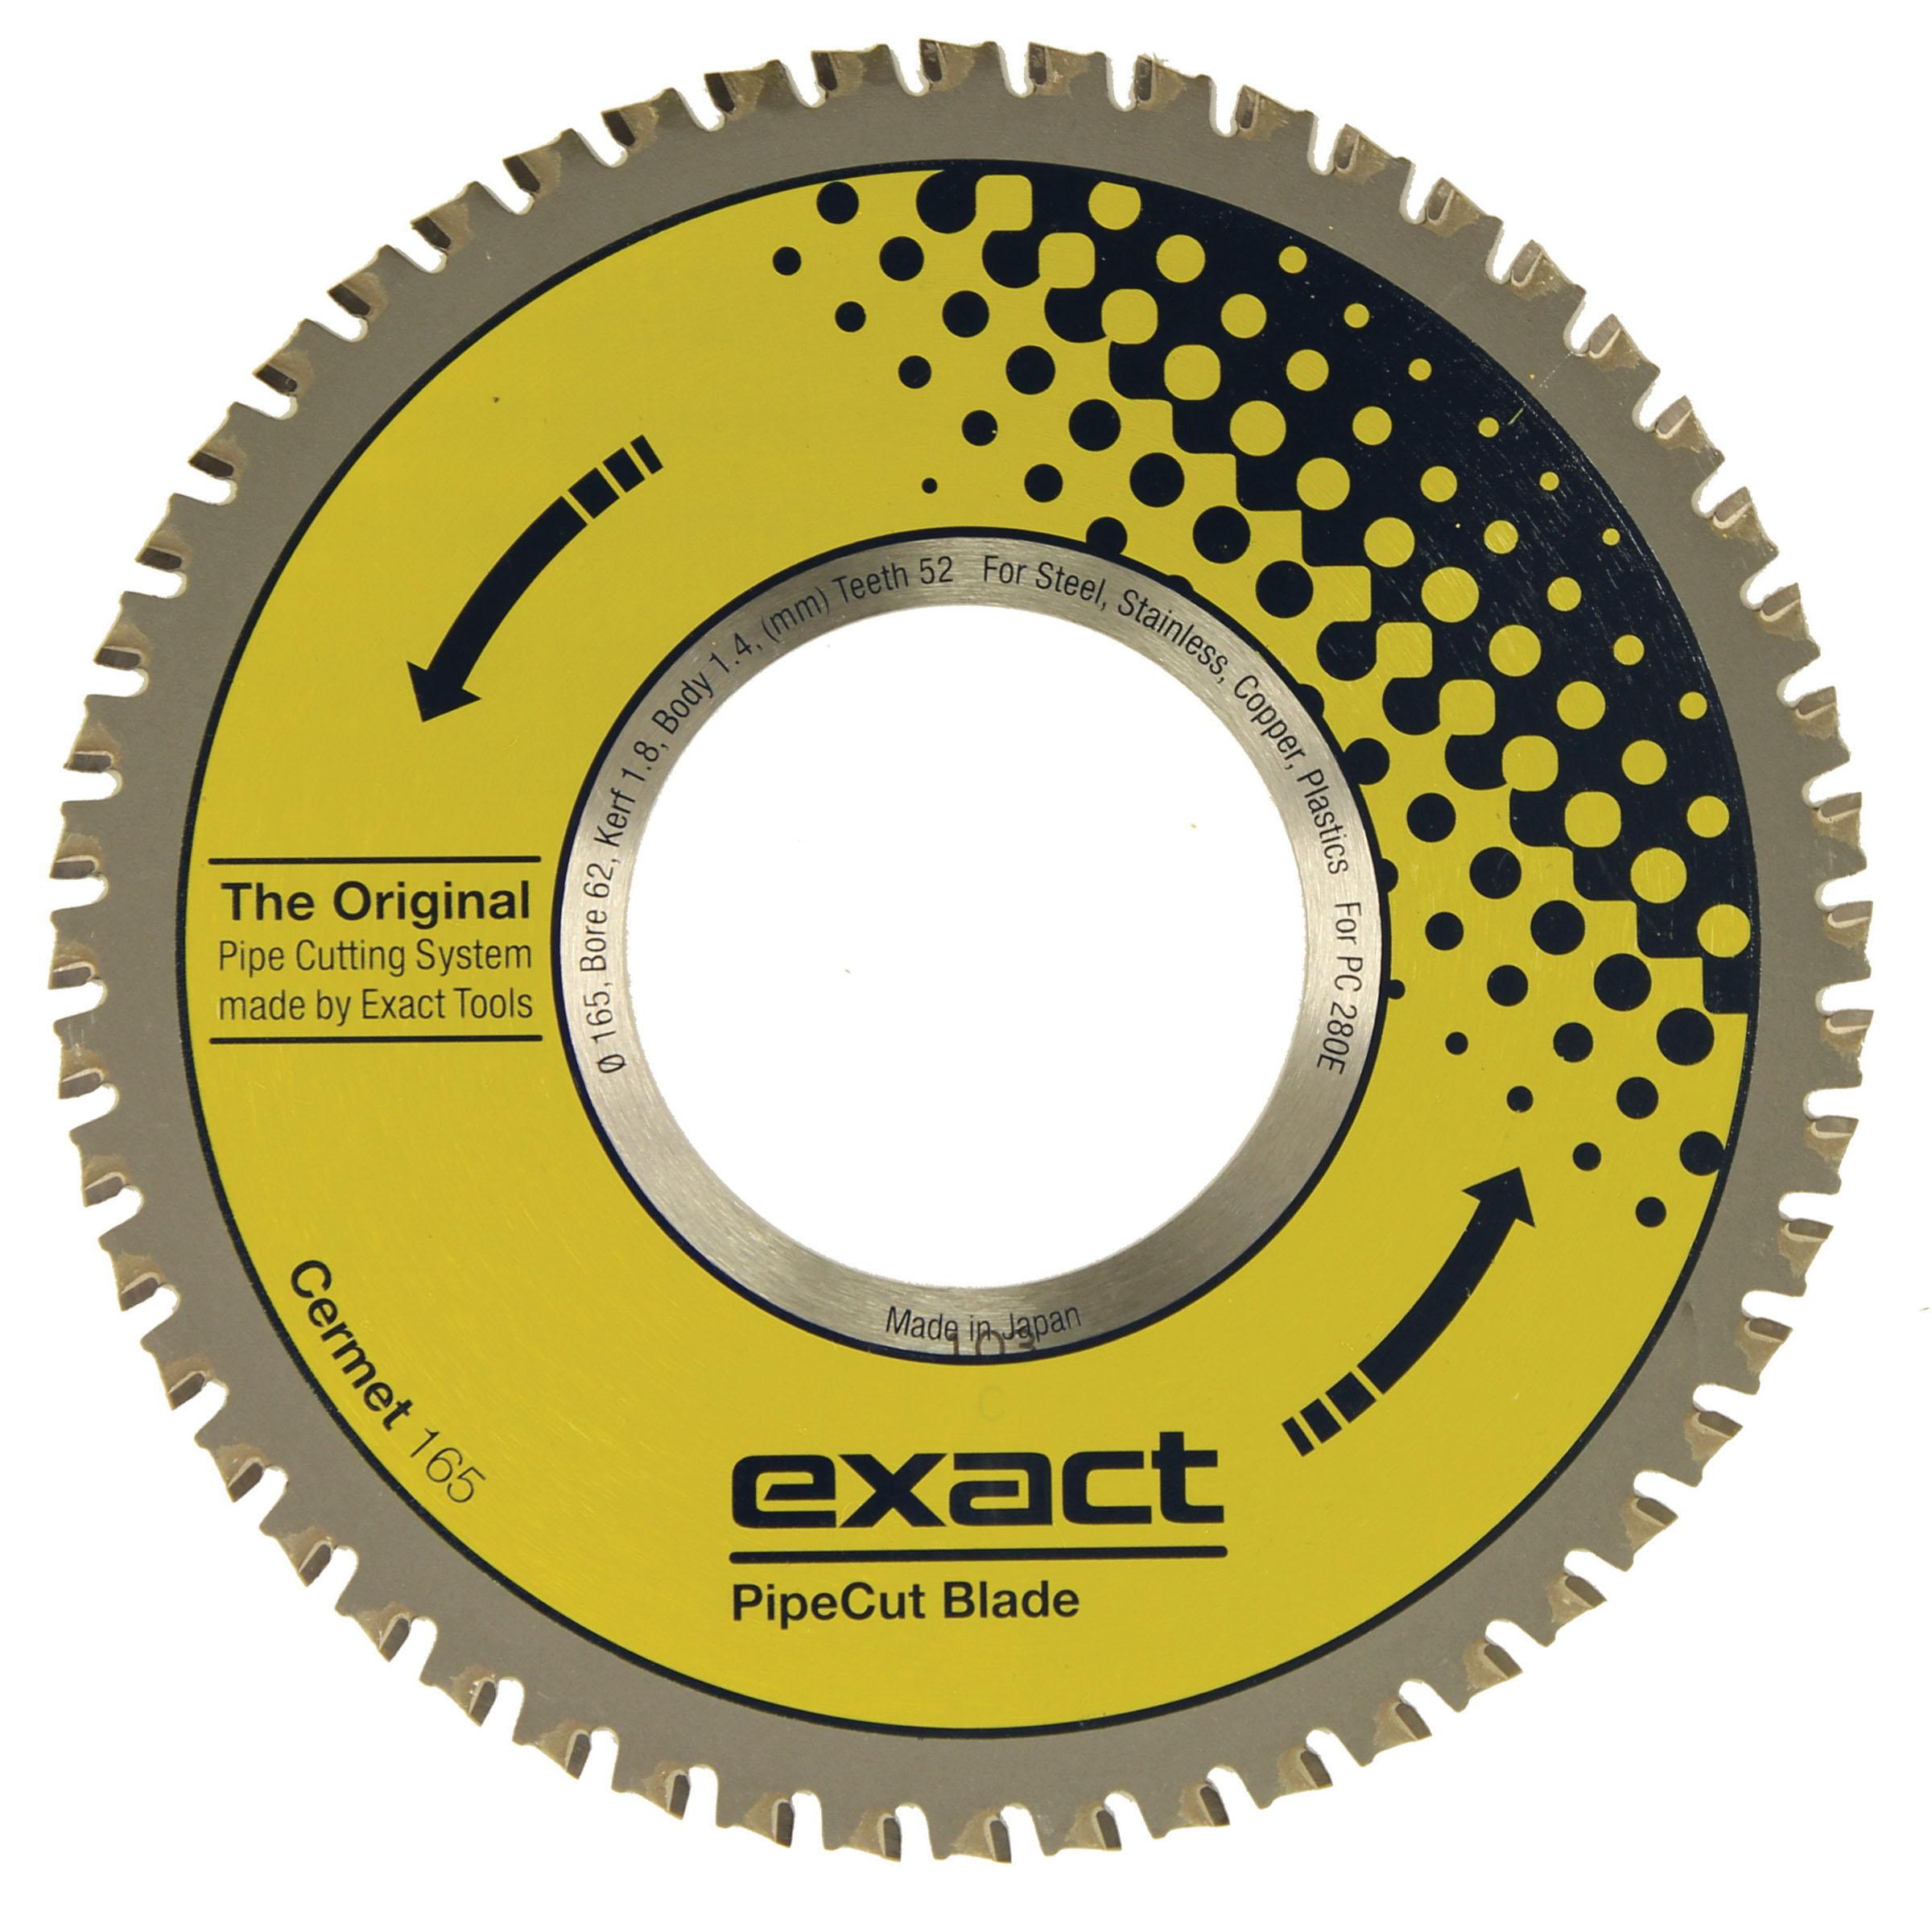 Exact Tools Cermet 165 Circular Saw Blade, 6-1/2 in Dia, 1.8 mm Kerf